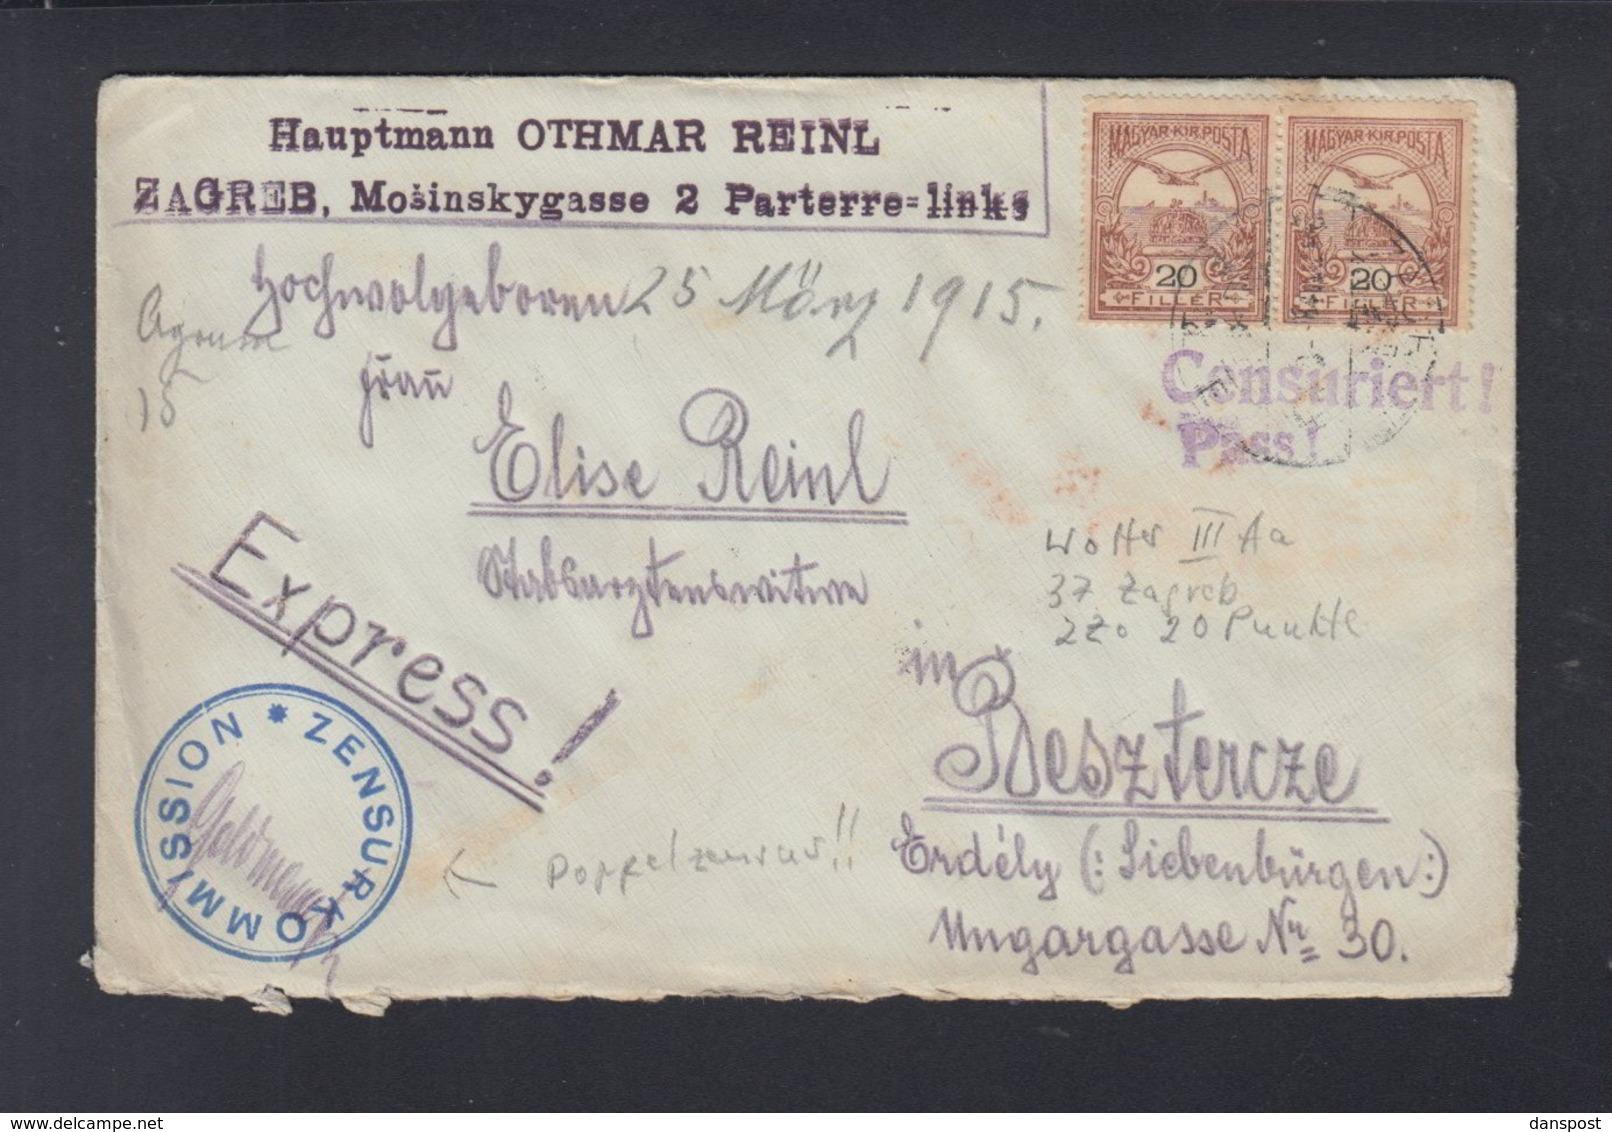 Ungarn Zensurbrief Hauptmann Othmar Reinl Zagreb Nach Rumänien Romania Bistrita Beszterce - Briefe U. Dokumente